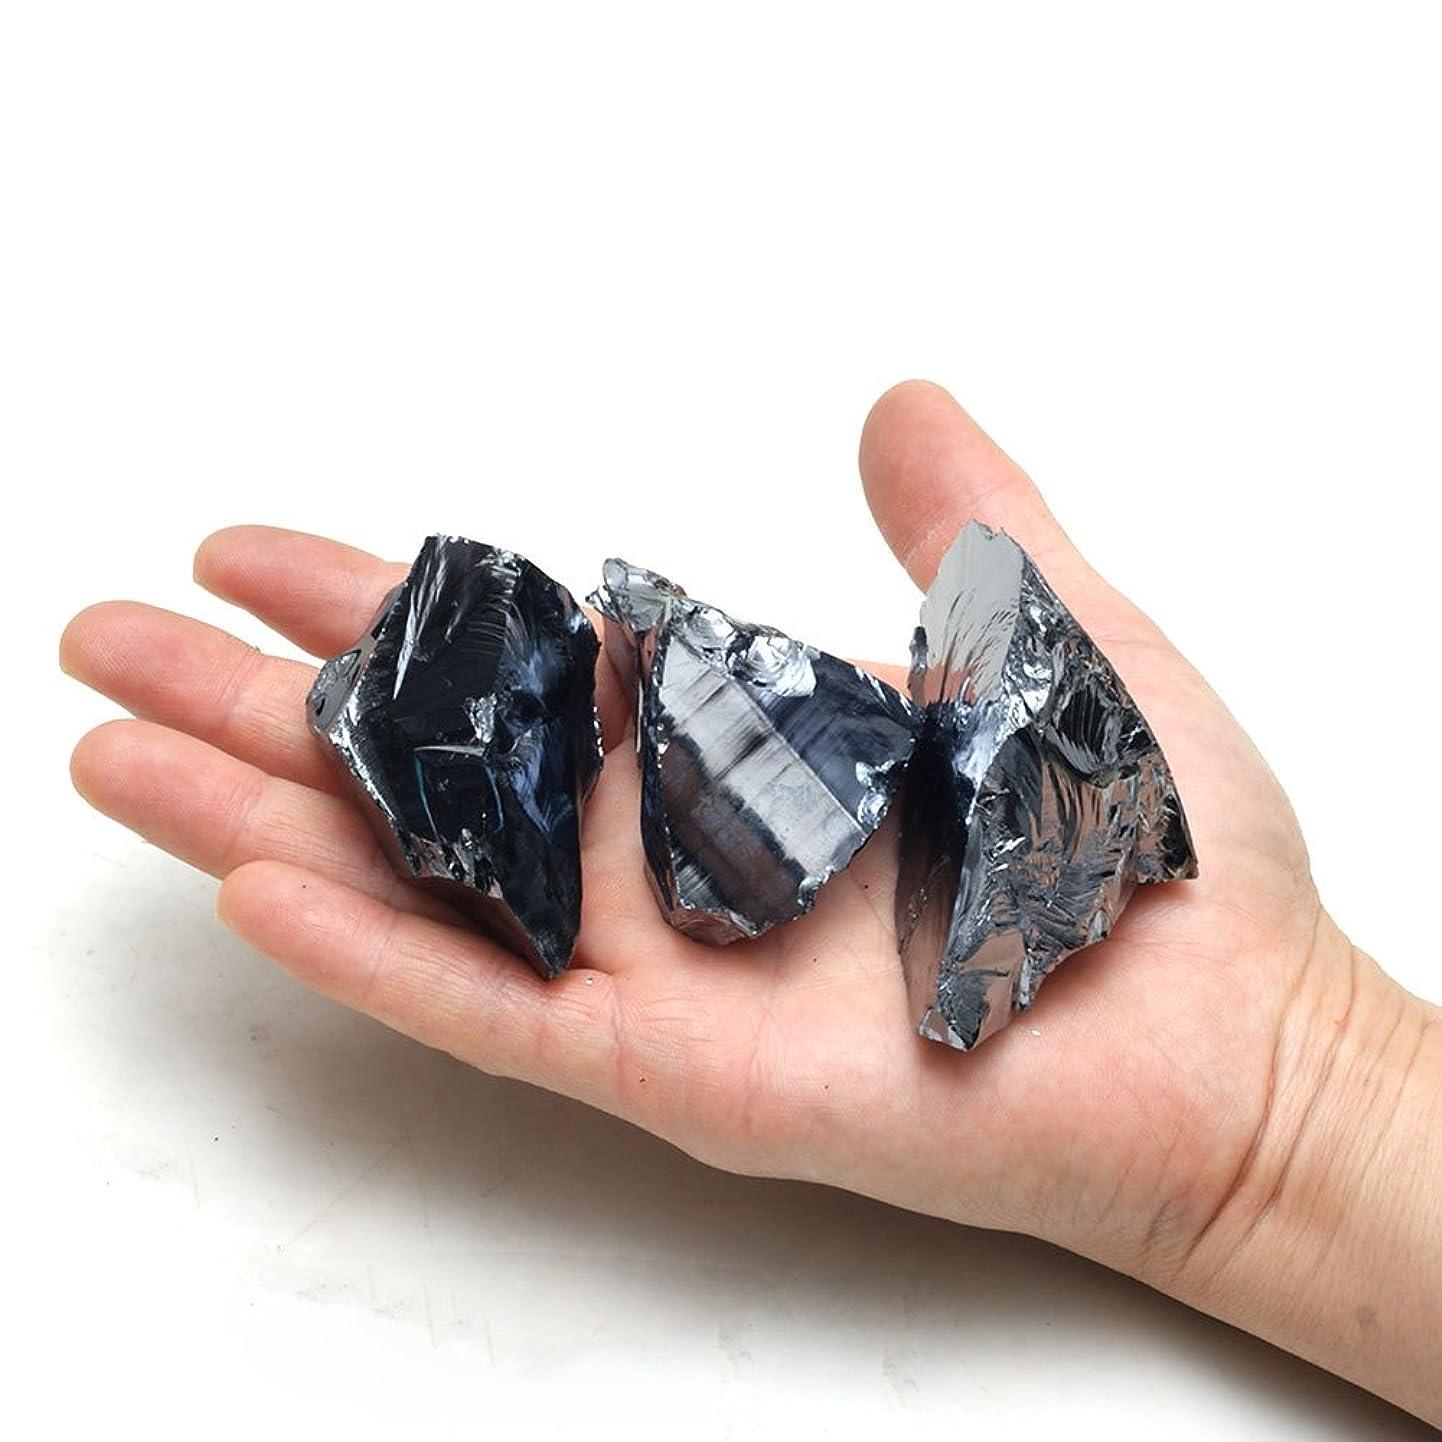 疼痛同意キャプテンブライテラヘルツ鉱石 原石3個セット 200g ランダム発送 公的機関にて検査済み!テラヘルツ 本物保証 パワーストーン 天然石 超遠赤外線 健康